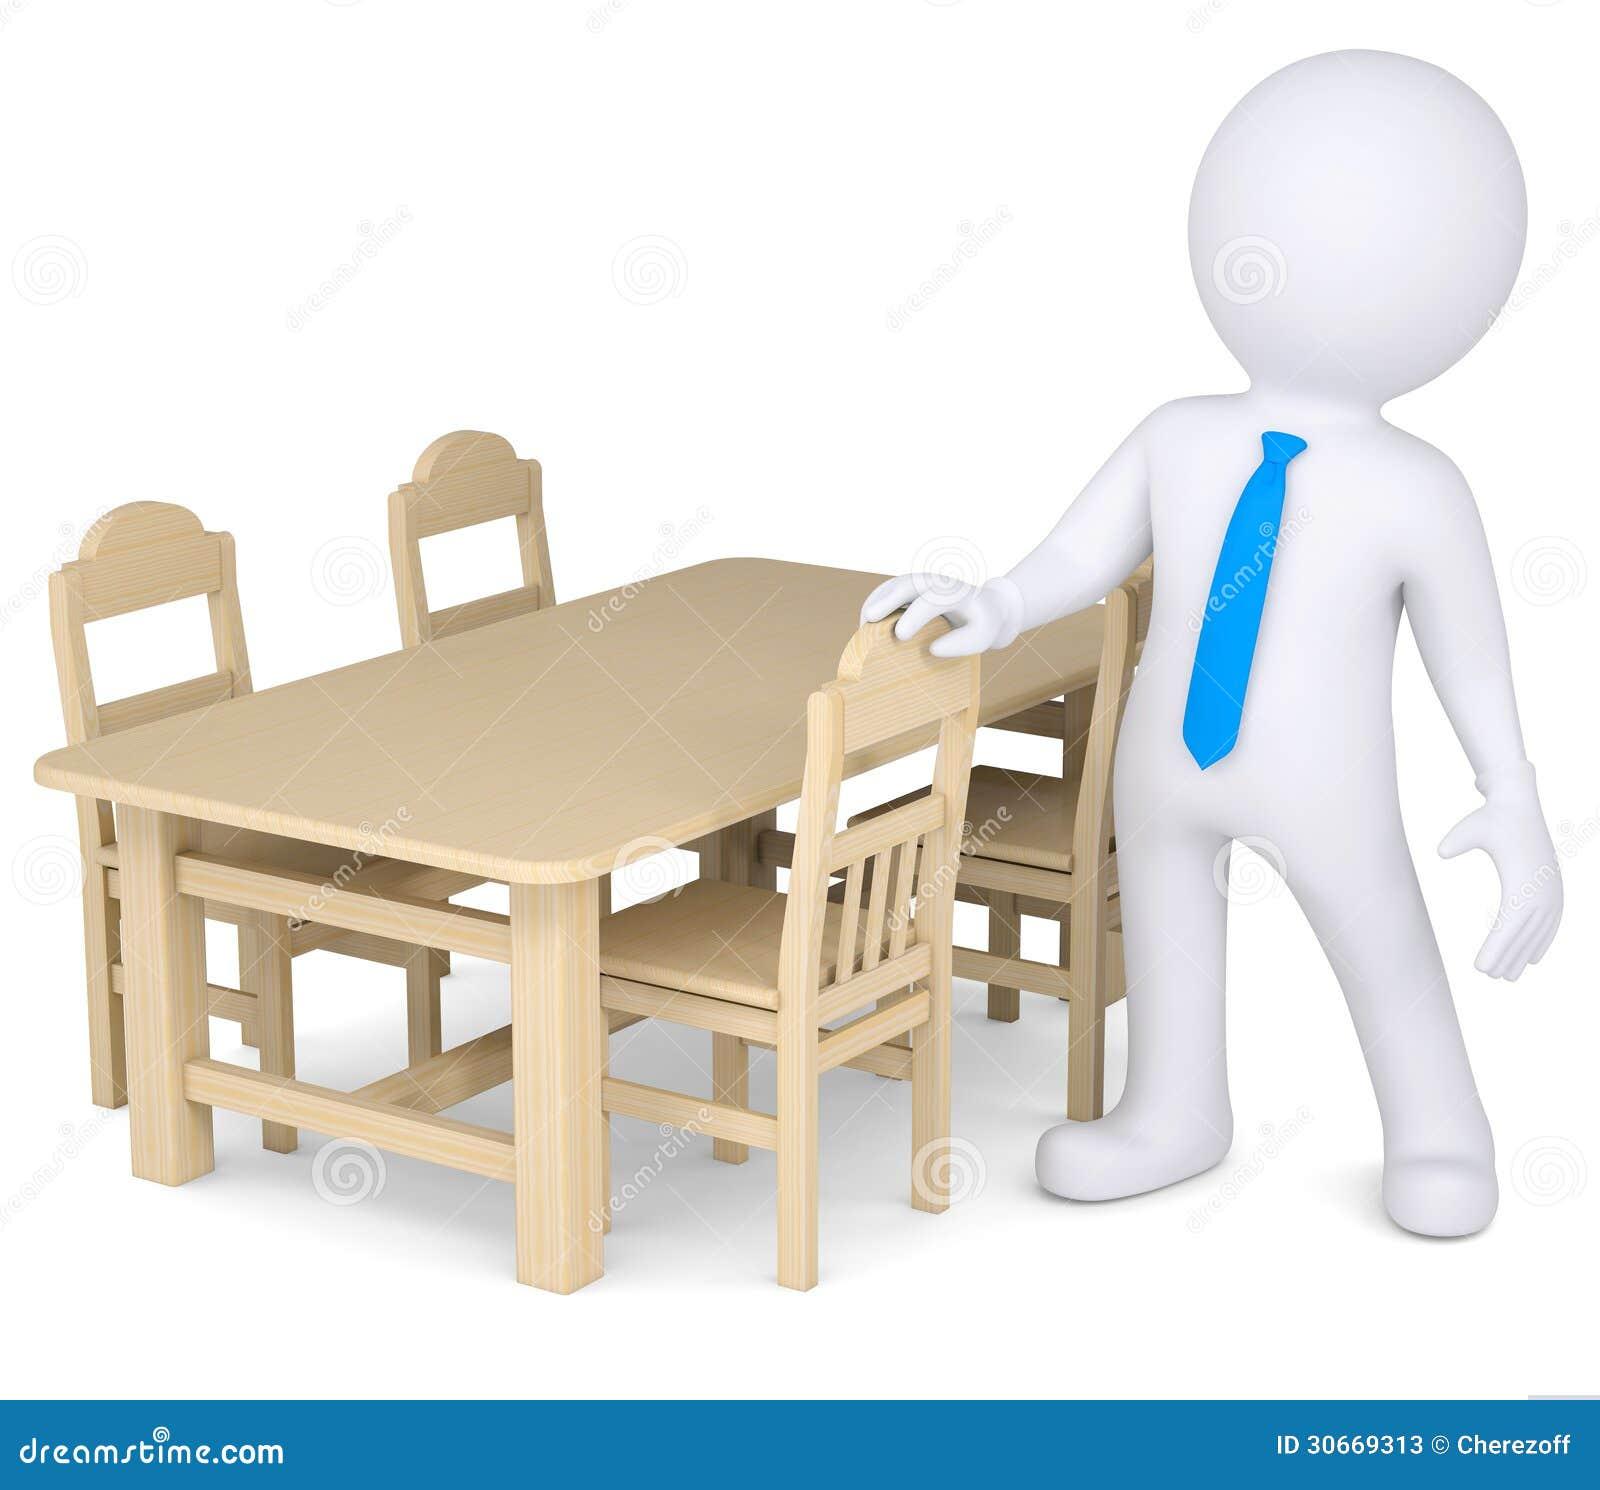 Muebles Humanos - Muebles Humanos Y De Madera De 3d Stock De Ilustraci N Imagen [mjhdah]https://www.decoraccion.es/wp-content/uploads/2015/12/mesa-laser.jpg